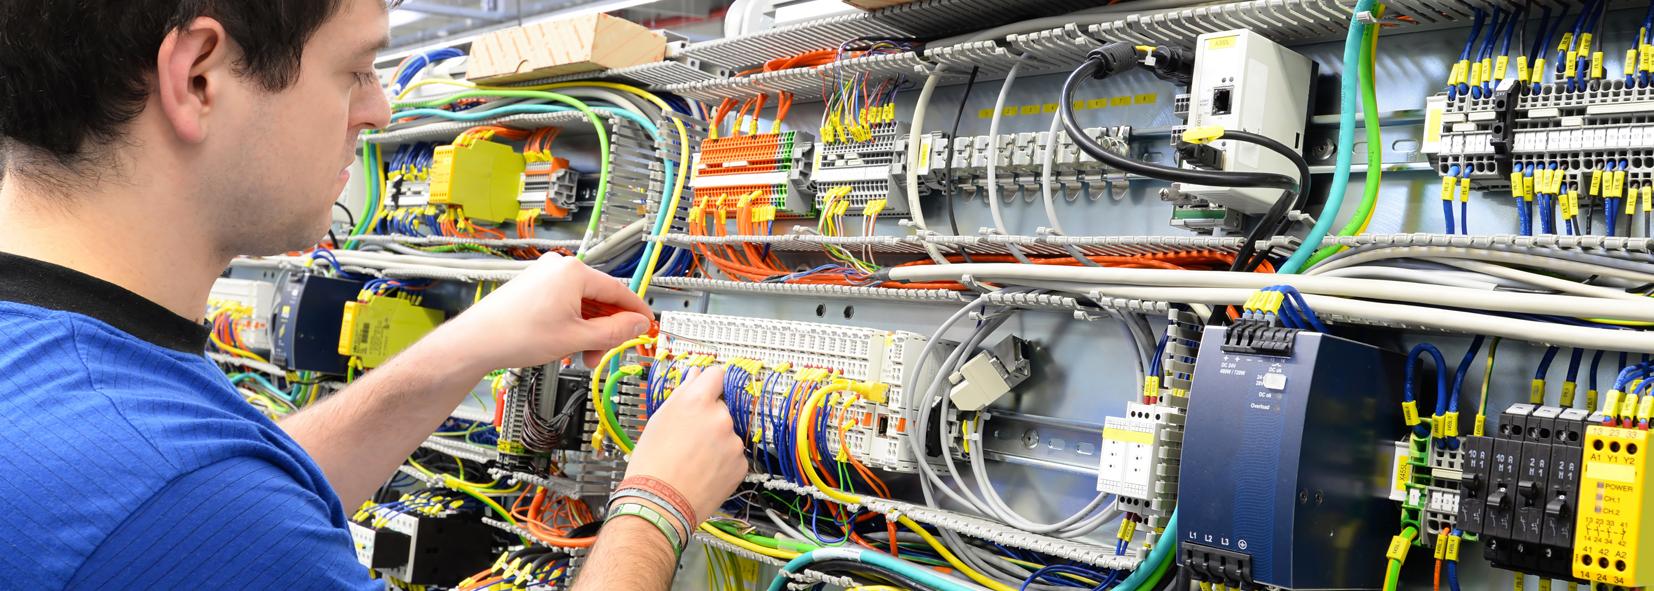 blog wiring